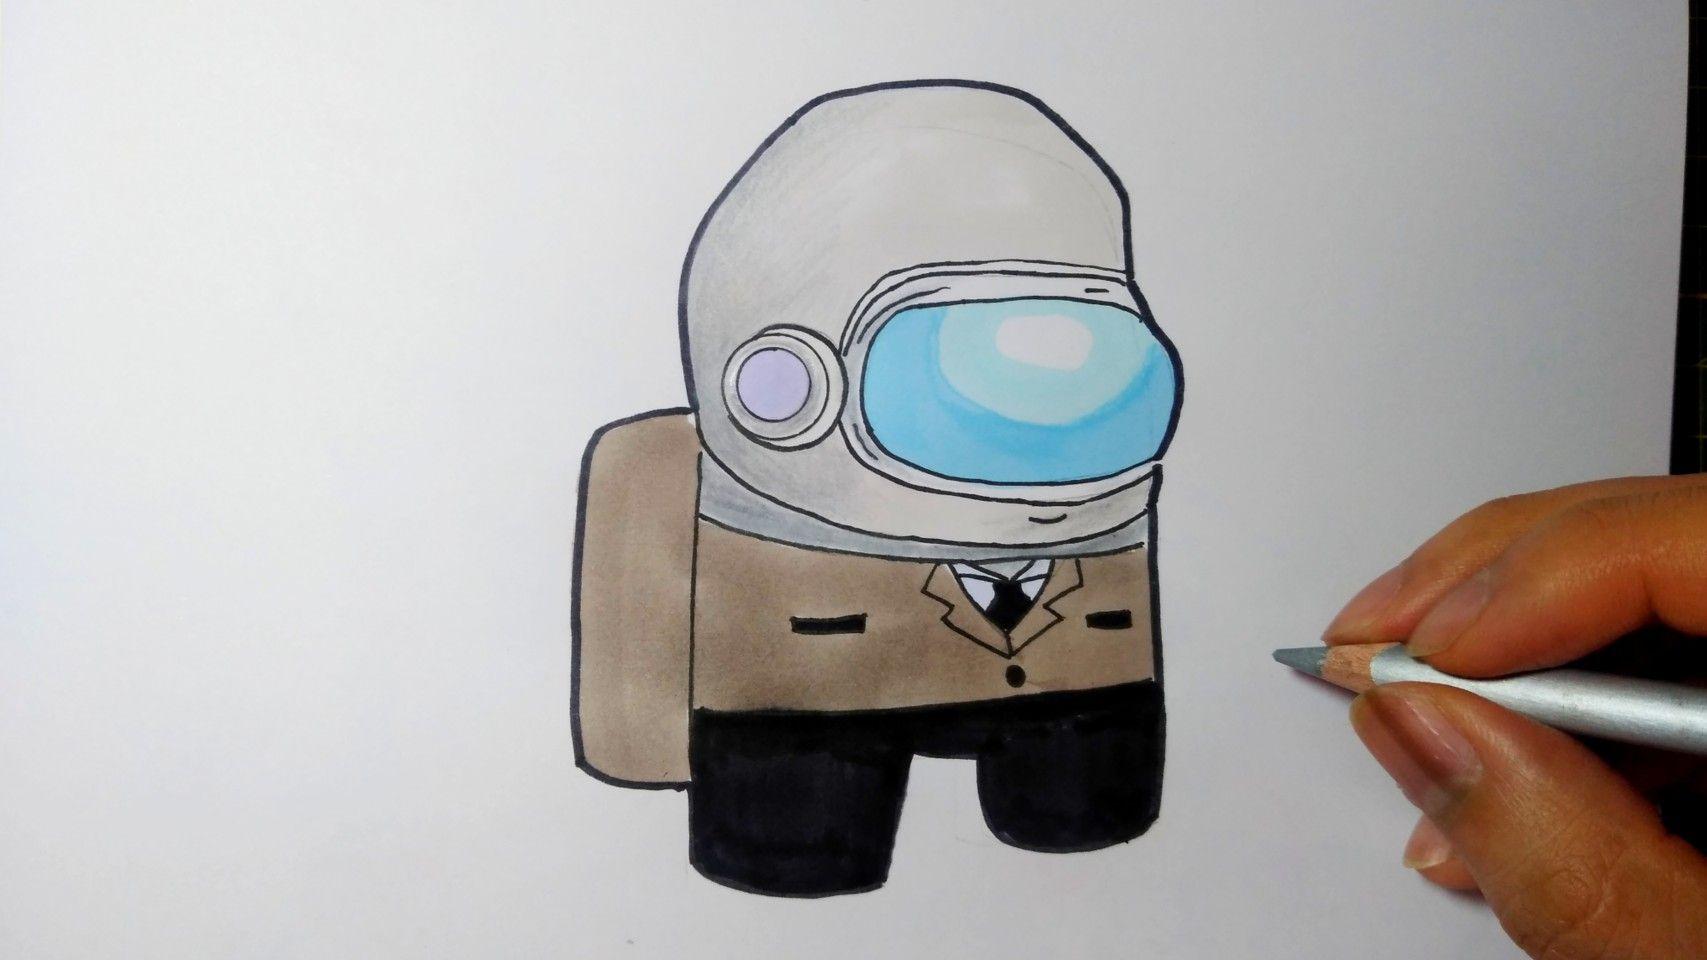 Fusionando Personajes Among Us Y Los Compas Fusión Art Challenge Fusion Among Us Y El Mayo 97 Videos De Como Dibujar Aprender A Dibujar Dibujos